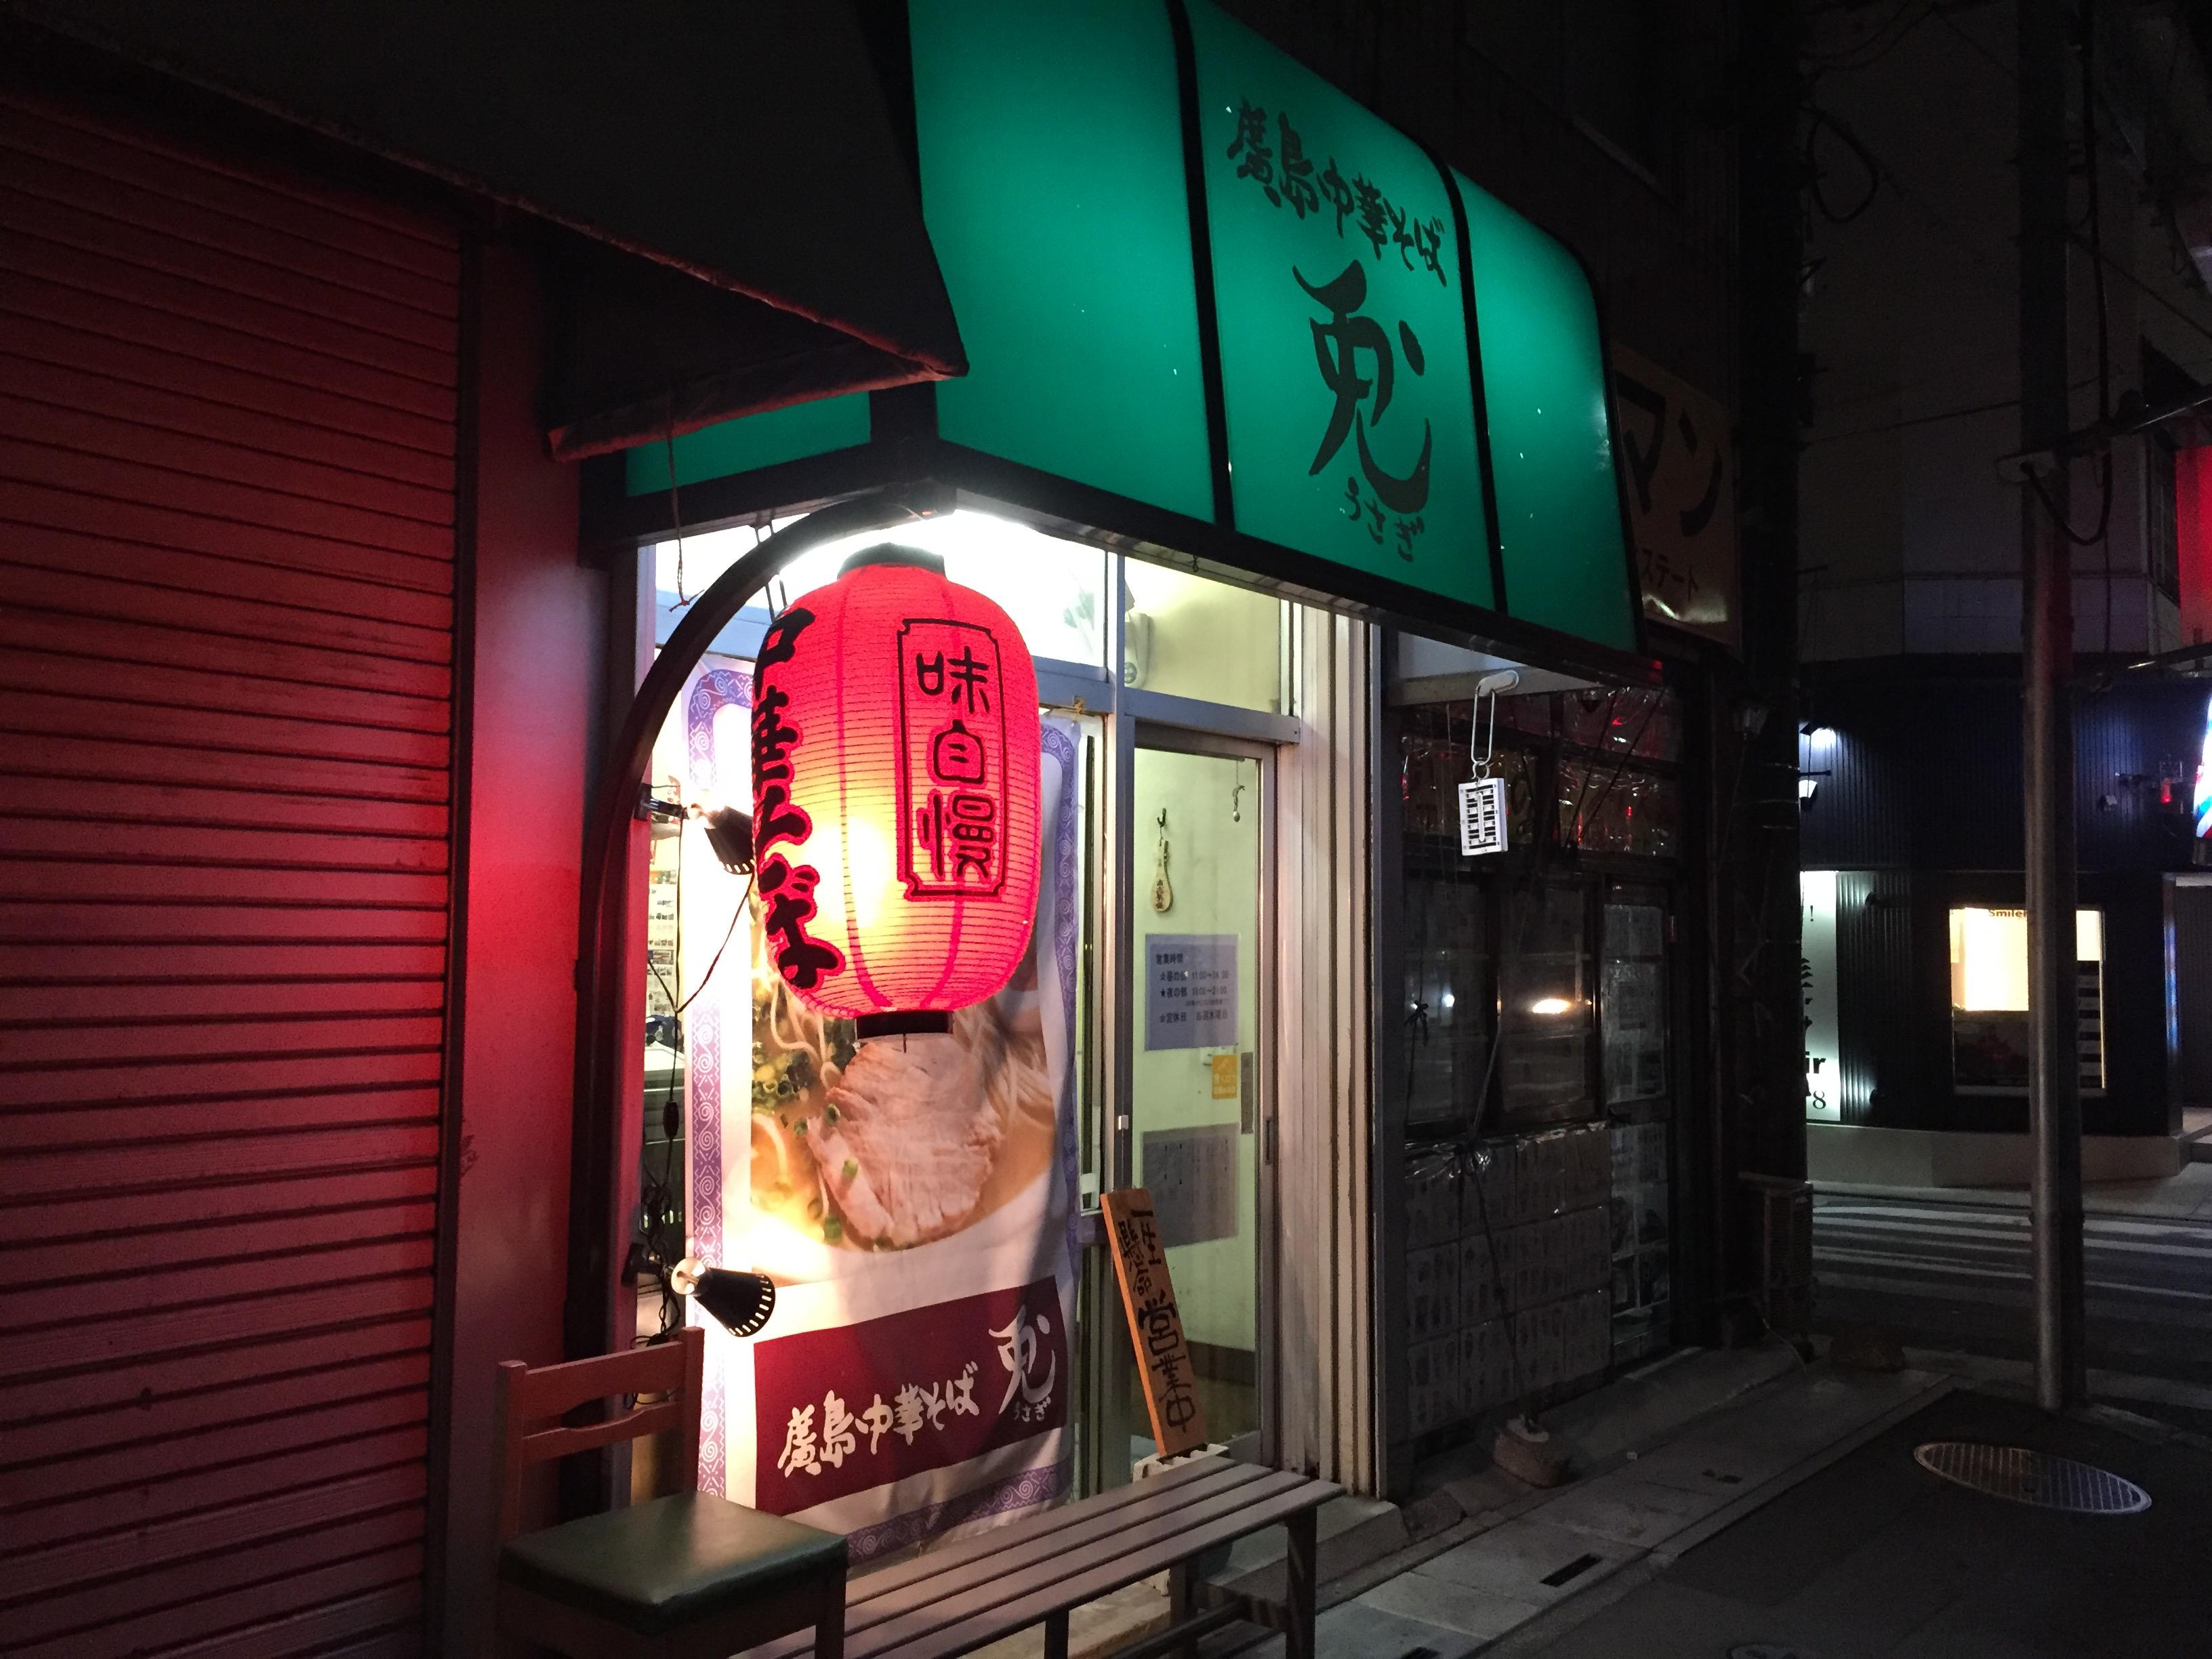 【上尾市】広島ラーメン 廣島中華そば 兎 (うさぎ)に行ってみた